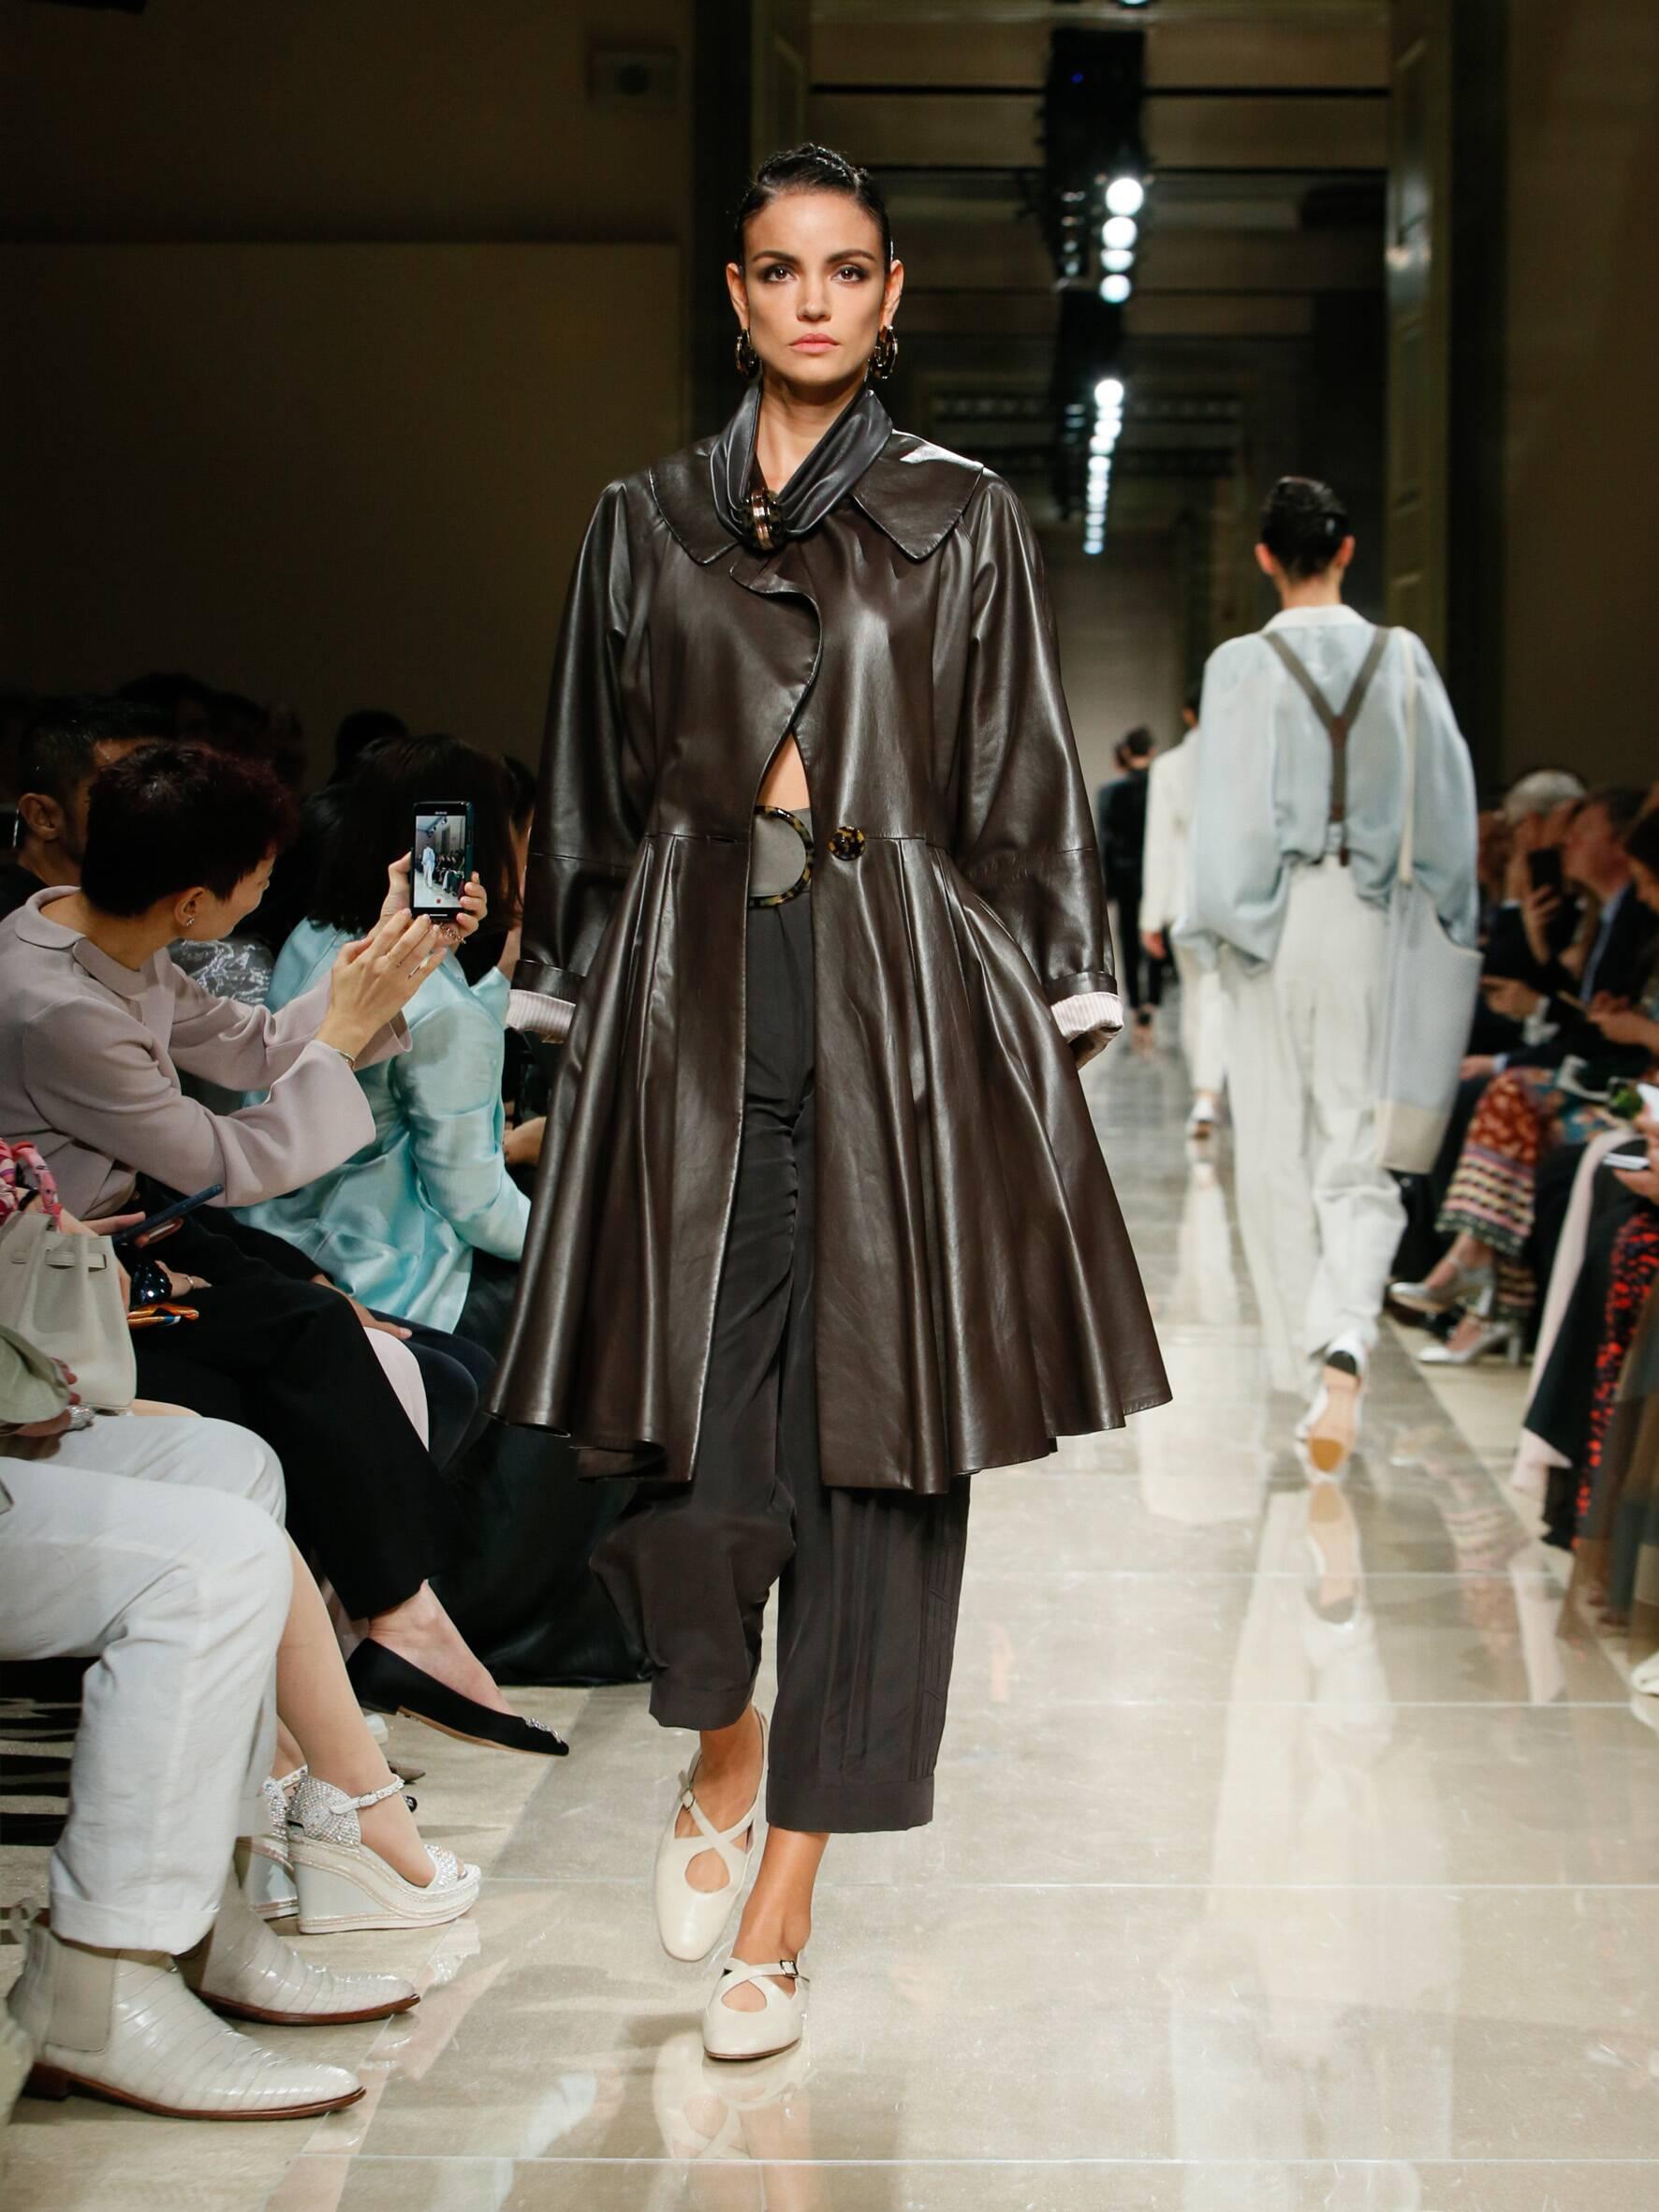 Giorgio Armani Cruise 2020 Collection Look 8 Tokyo